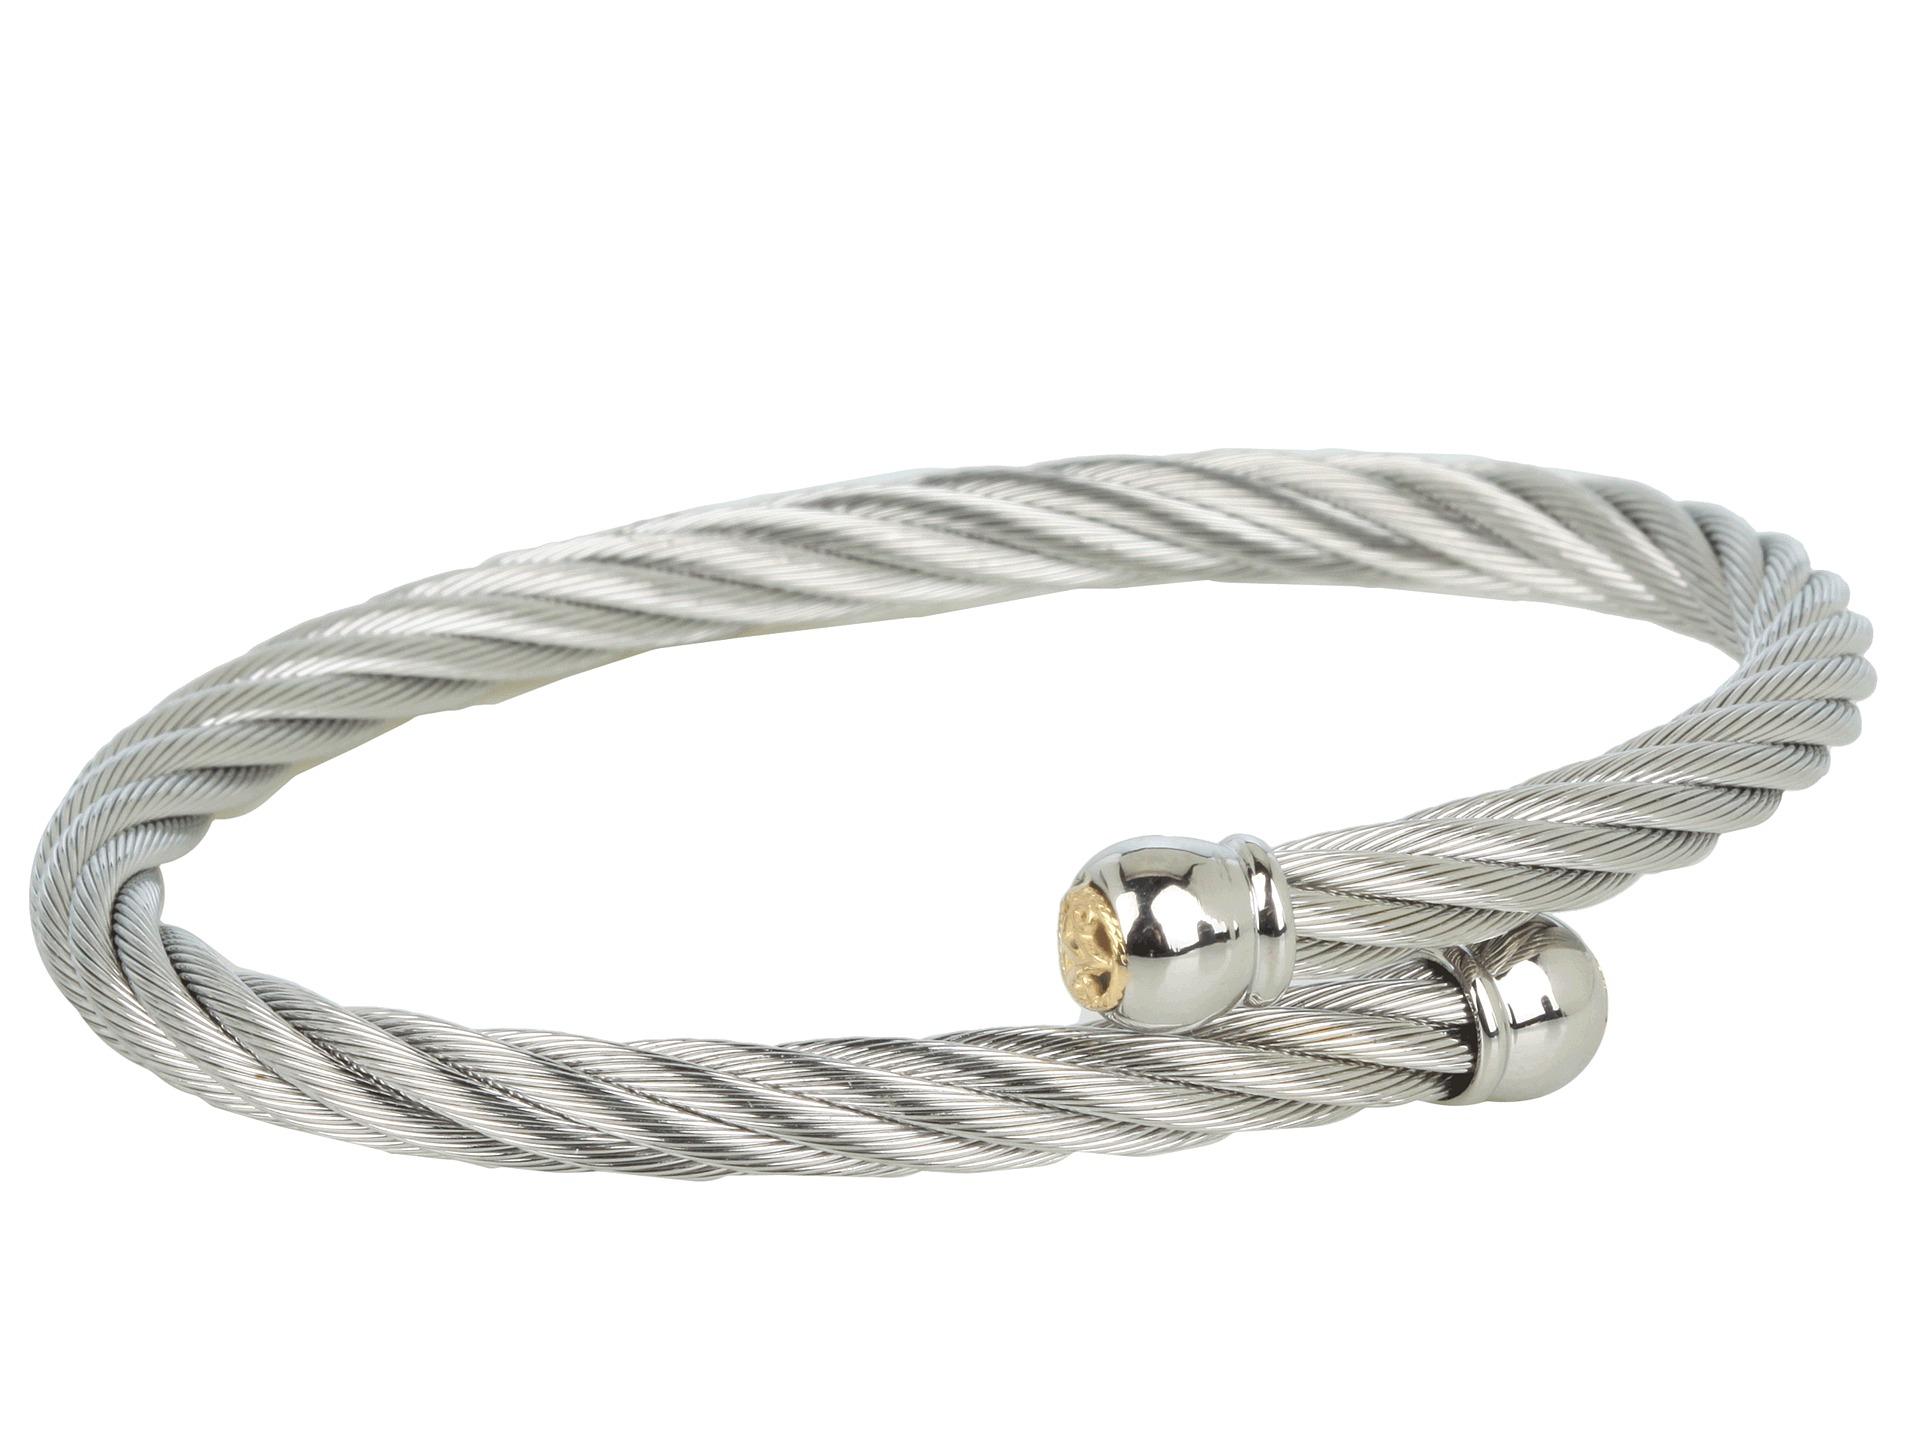 Charriol Bracelet Gentlemens 04 13 0002 00 Stainless Steel